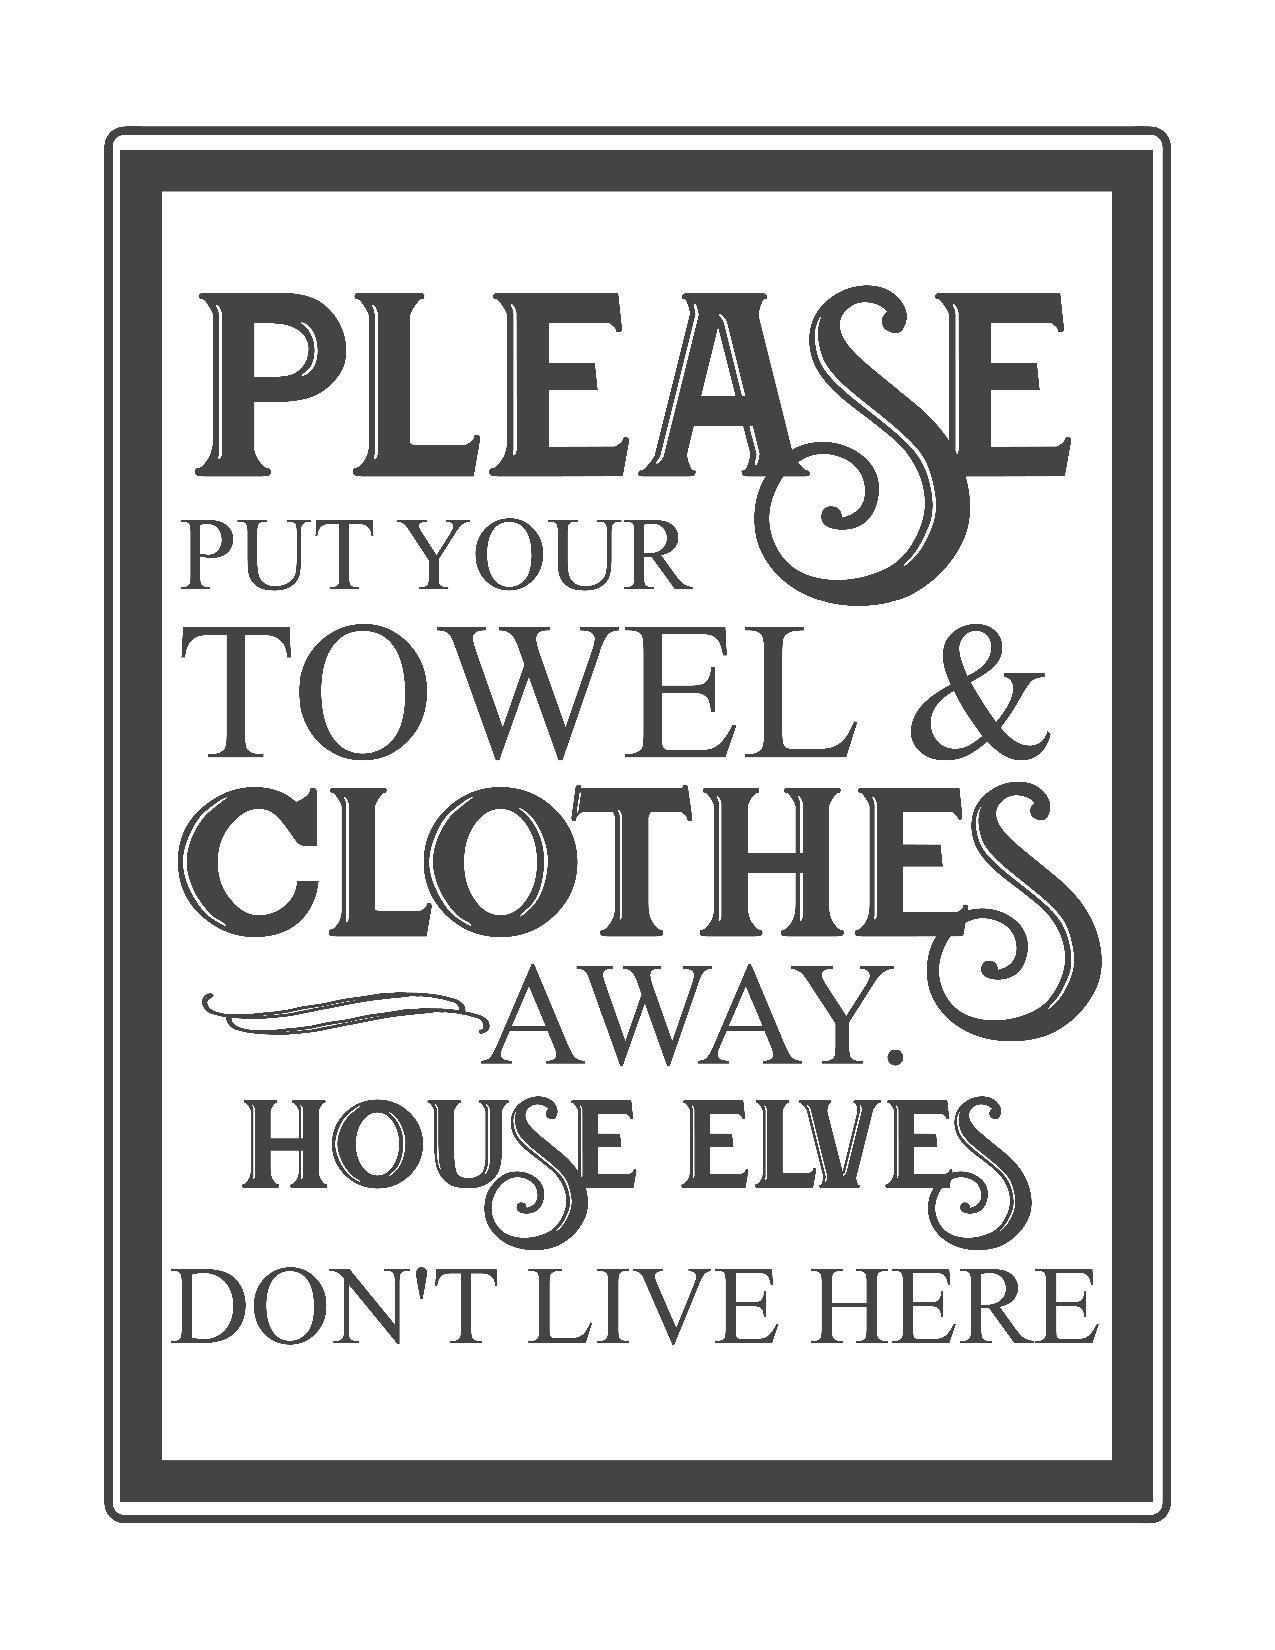 Printable Bathroom Signs For Kids Sayings Kids Bathroom Signs Kids - Free Printable Bathroom Signs